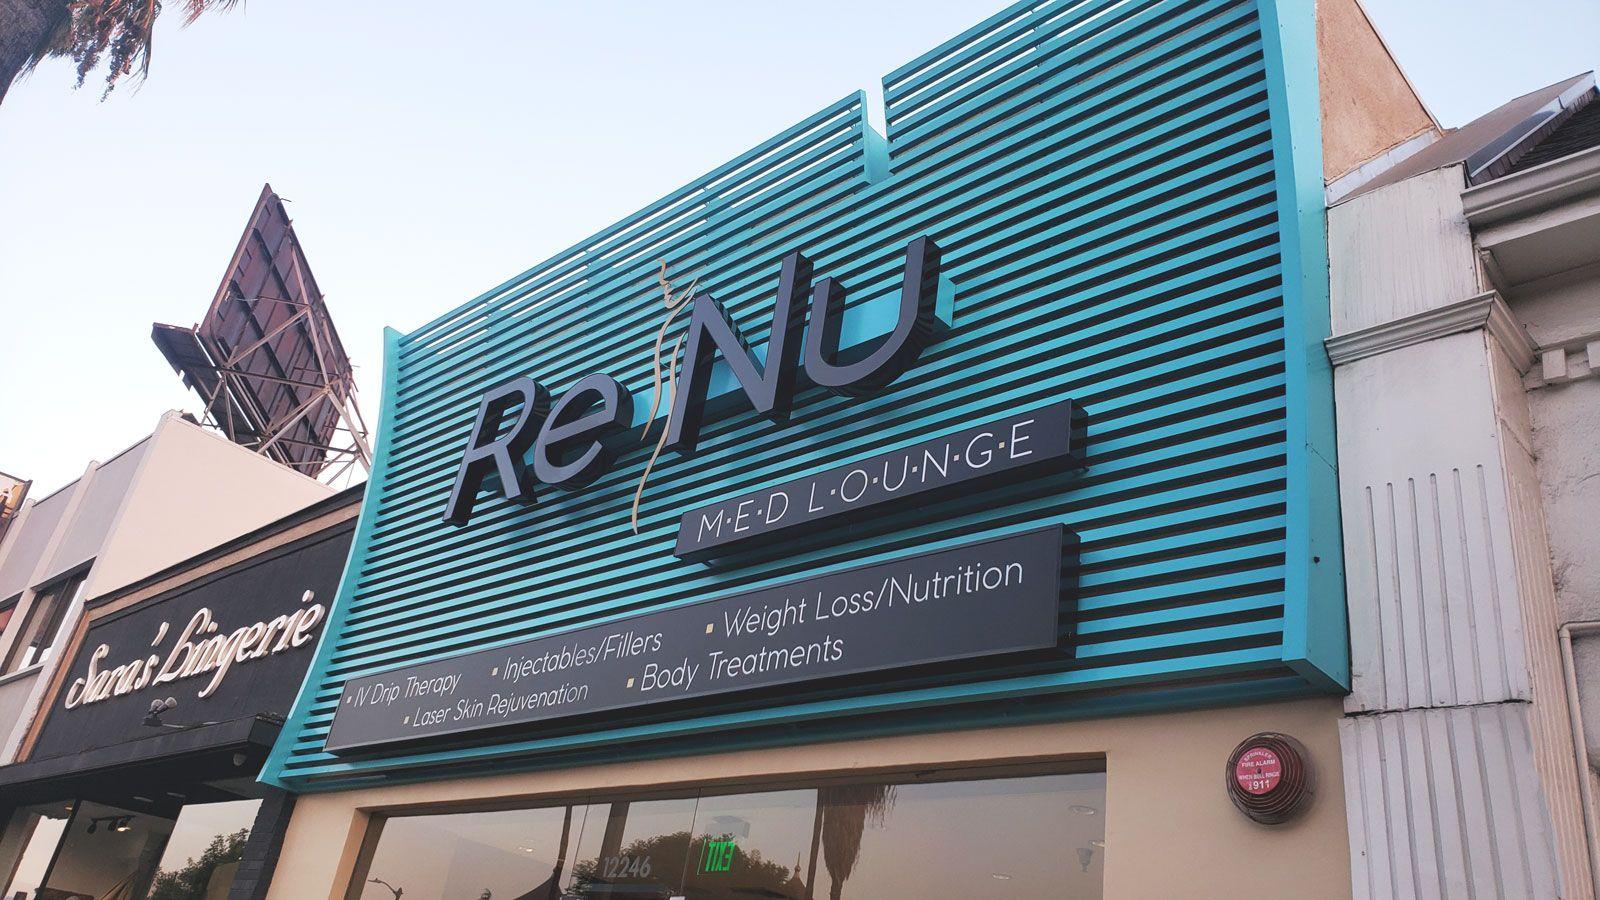 Renu raceway channel letters